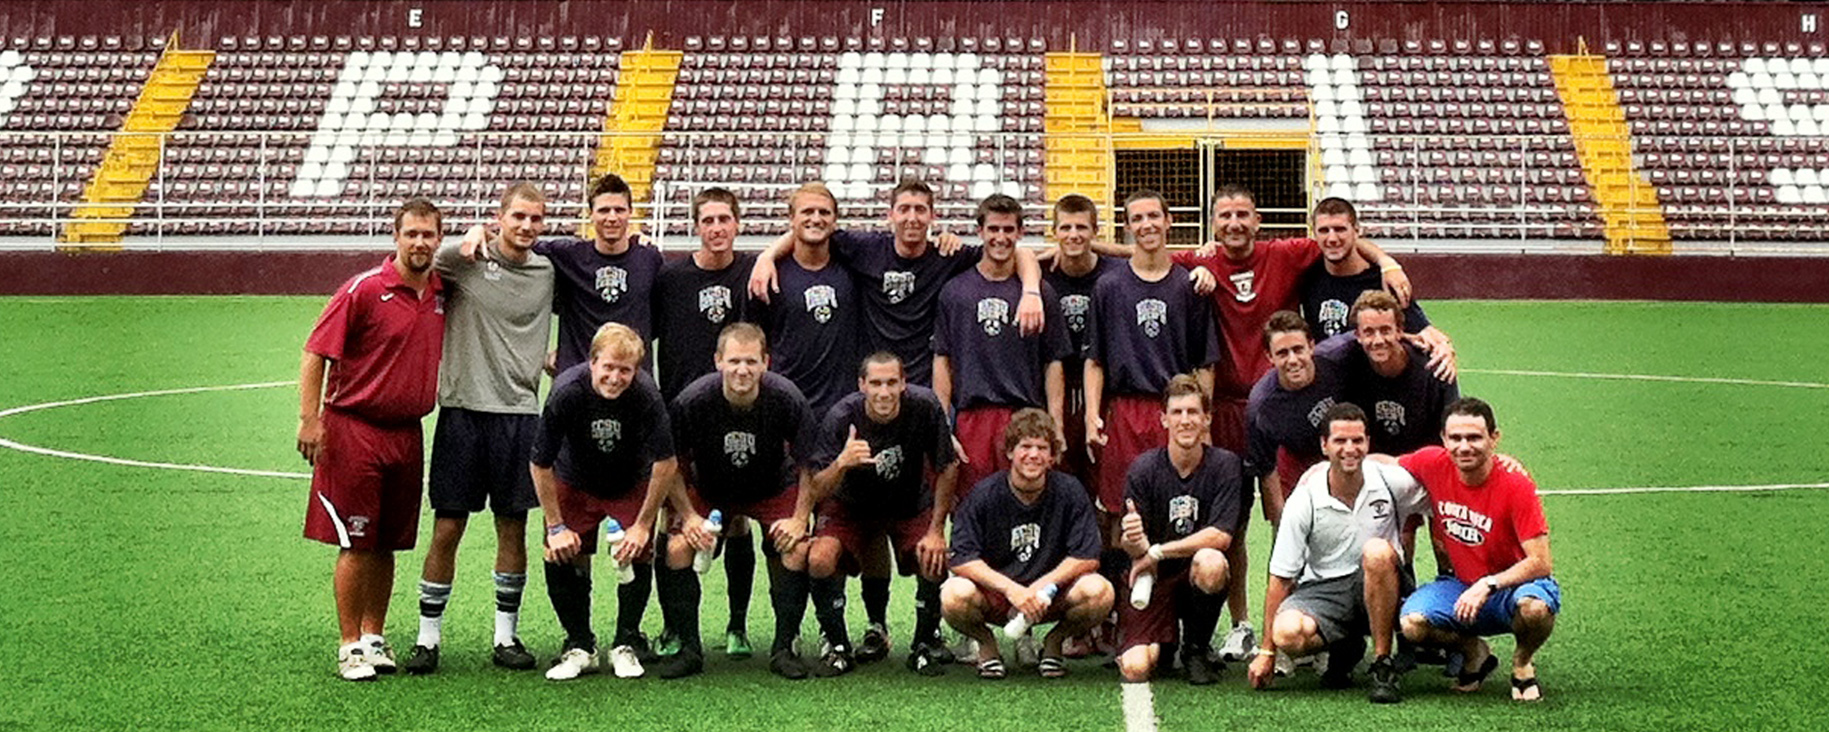 Usa Men Soccer Team Group Wallpaper HD Wallpaper 1829x732